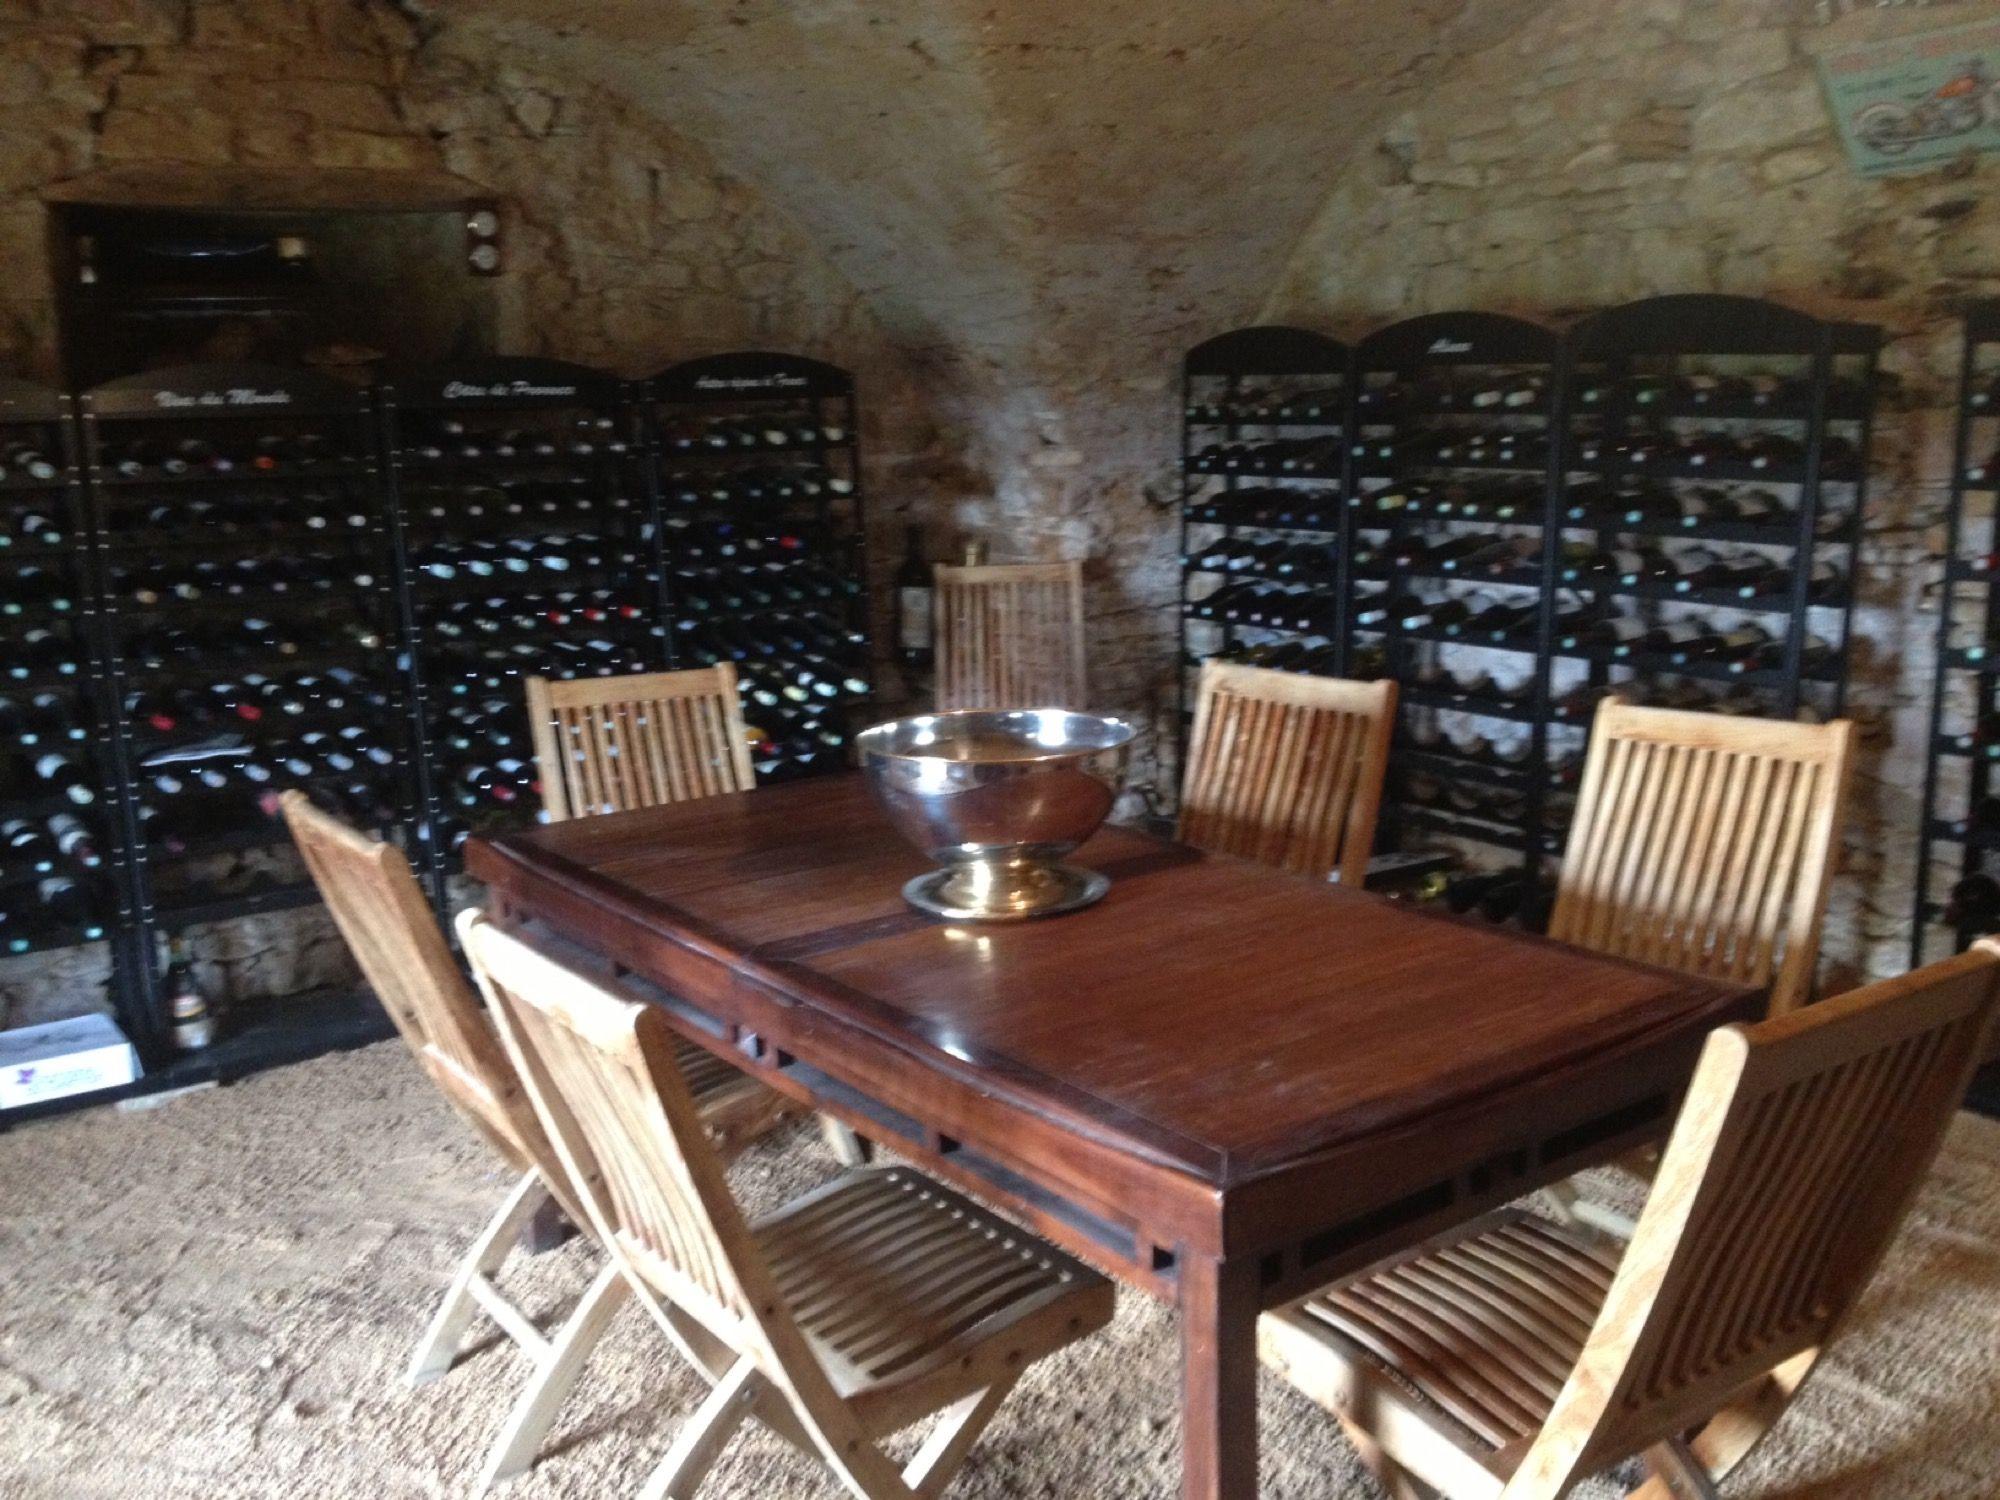 Cave Amenagee Avec Nos Casiers A Bouteilles Casierabouteilles Casiersabouteilles Rangebouteilles Wine Frenchwine Vi Casier A Bouteille Bouteille Casier